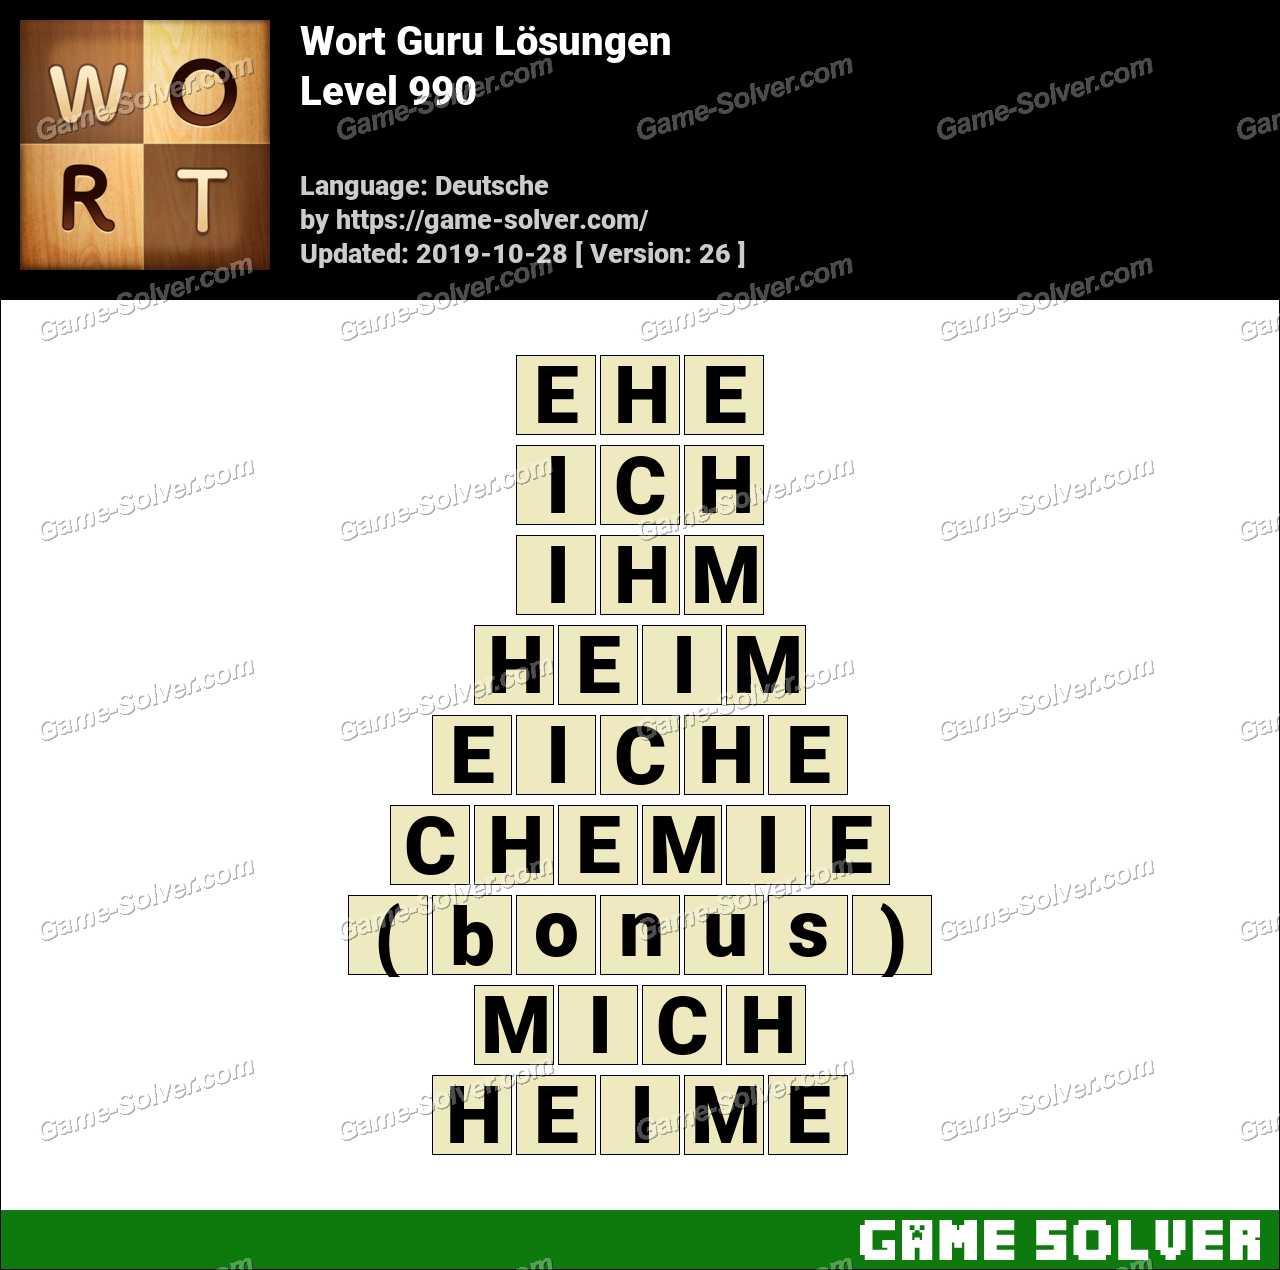 Wort Guru Level 990 Lösungen